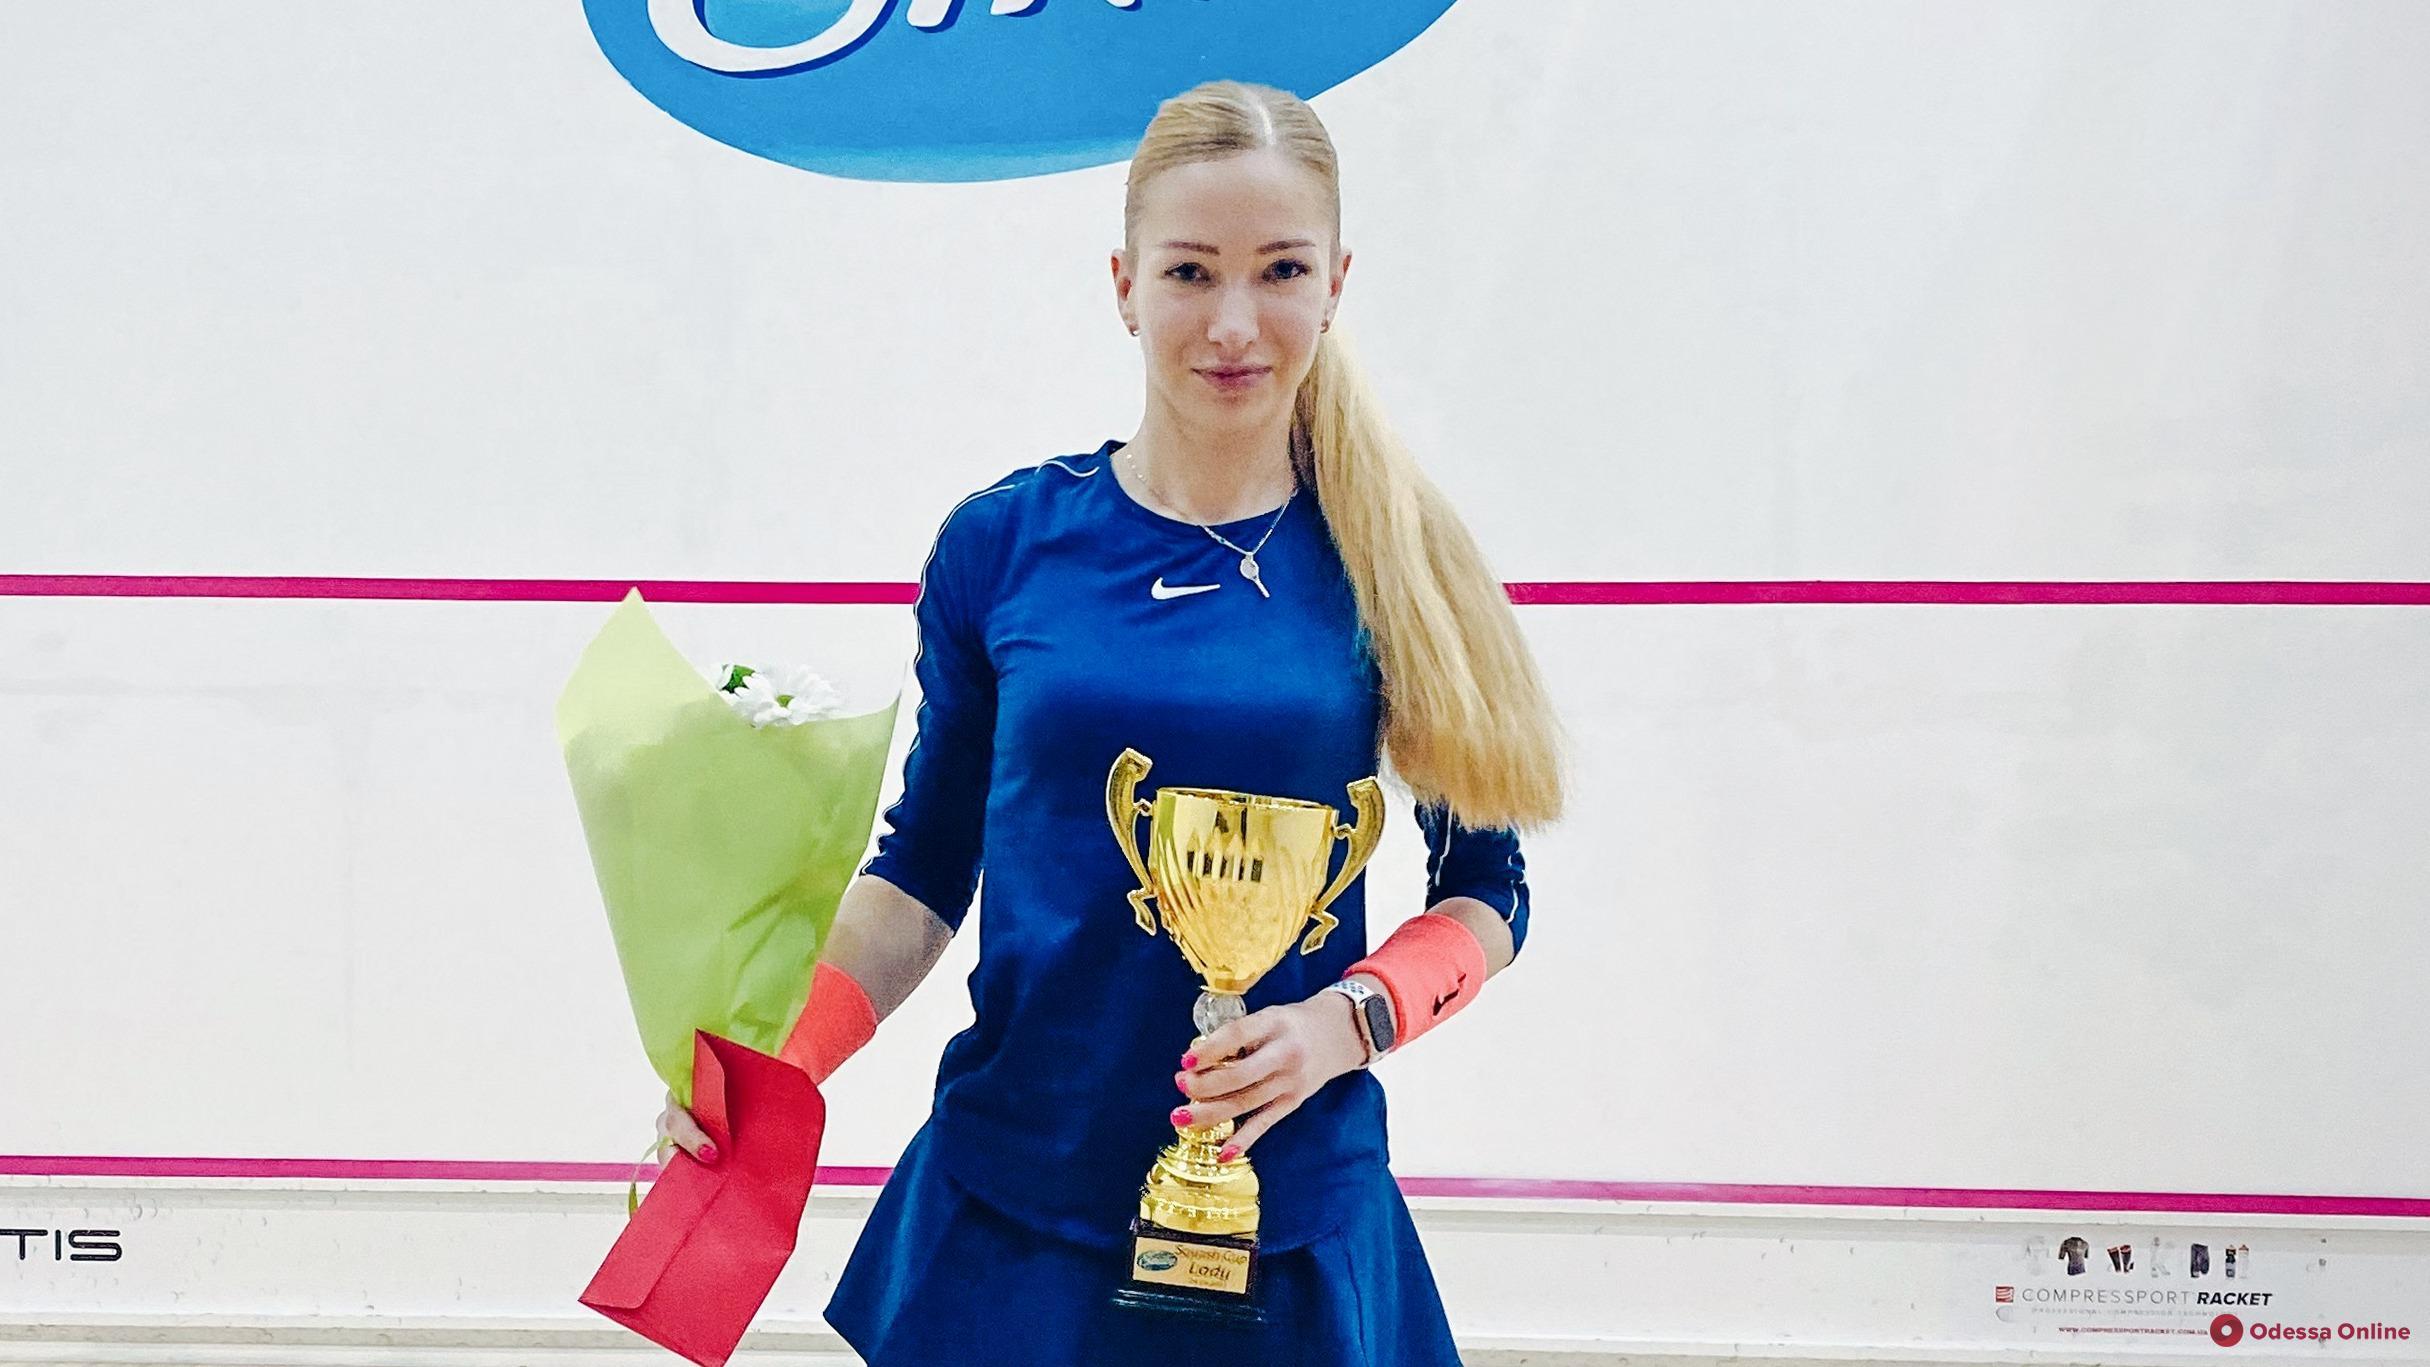 Одесситка завоевала «золото» крупного турнира по сквошу